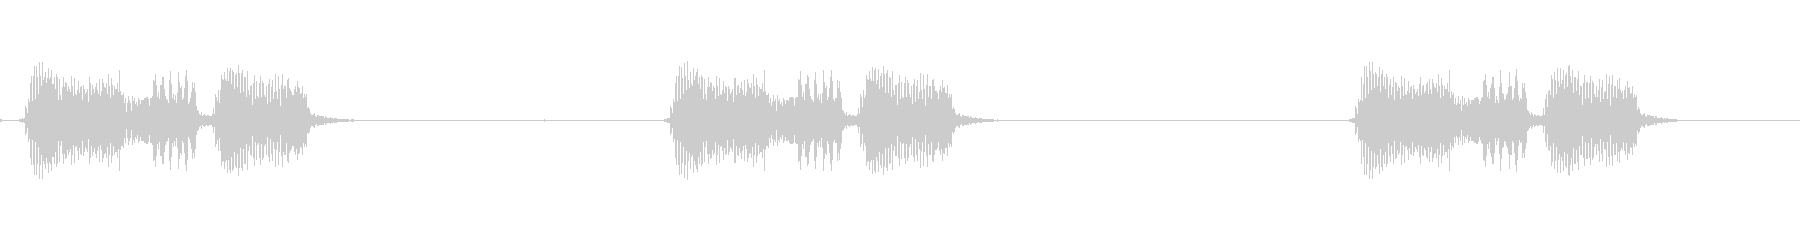 カラスの鳴き声(2羽同時)の未再生の波形